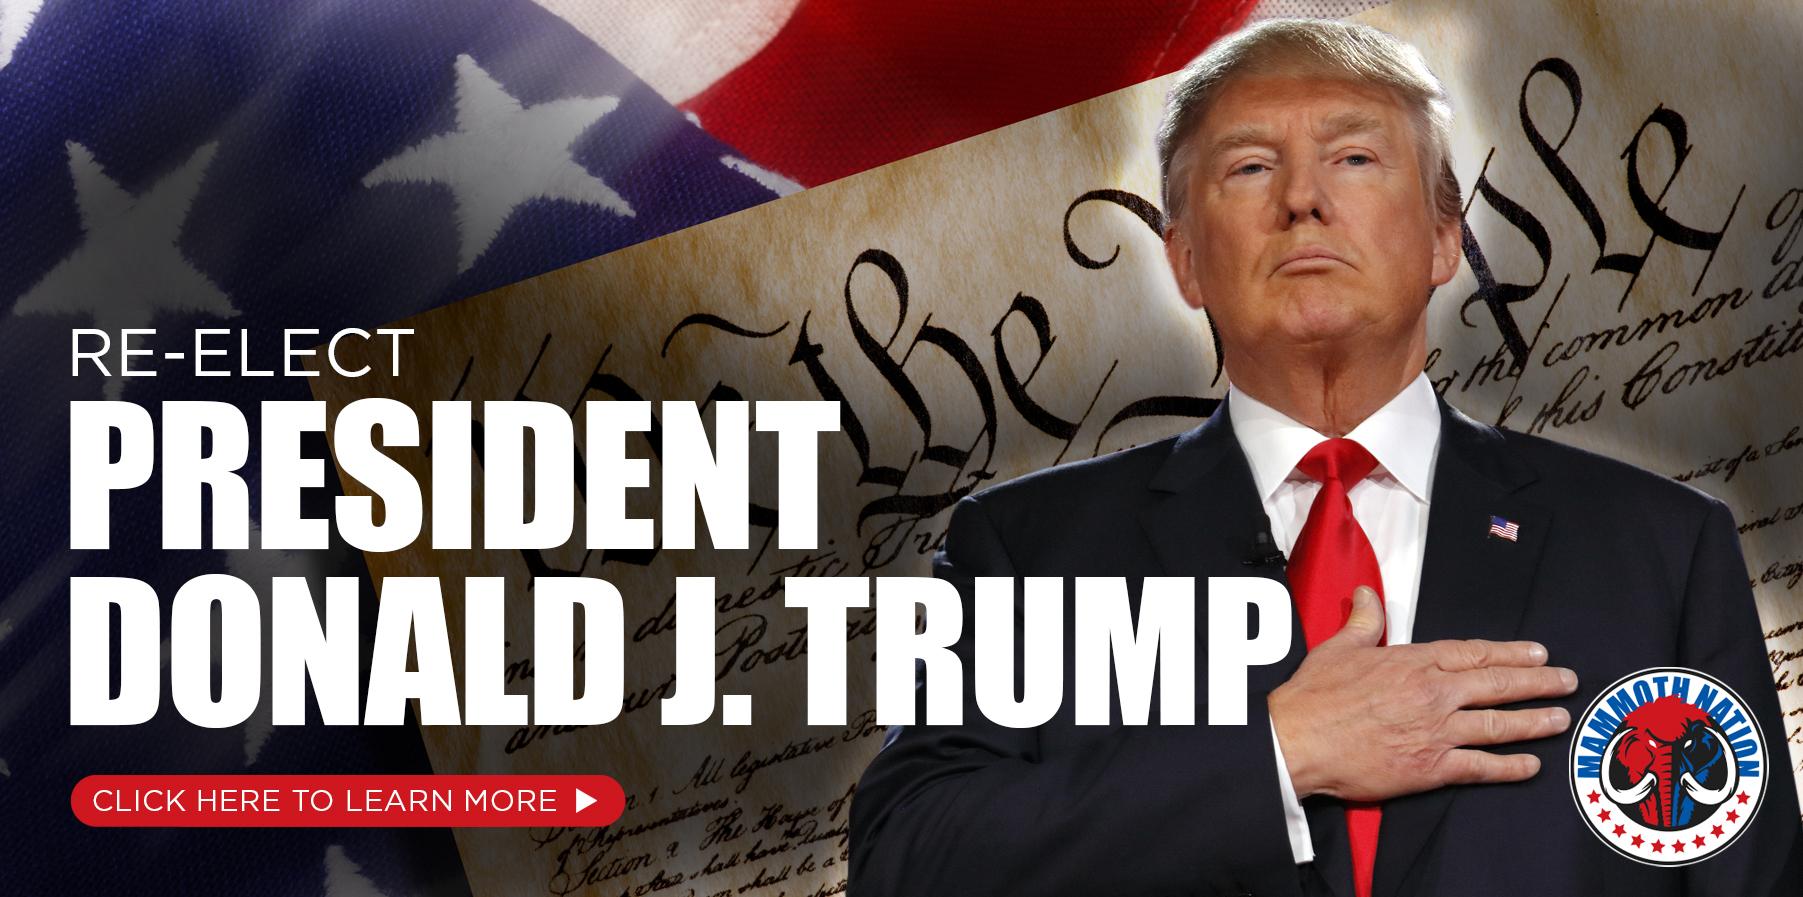 The Trump campaign